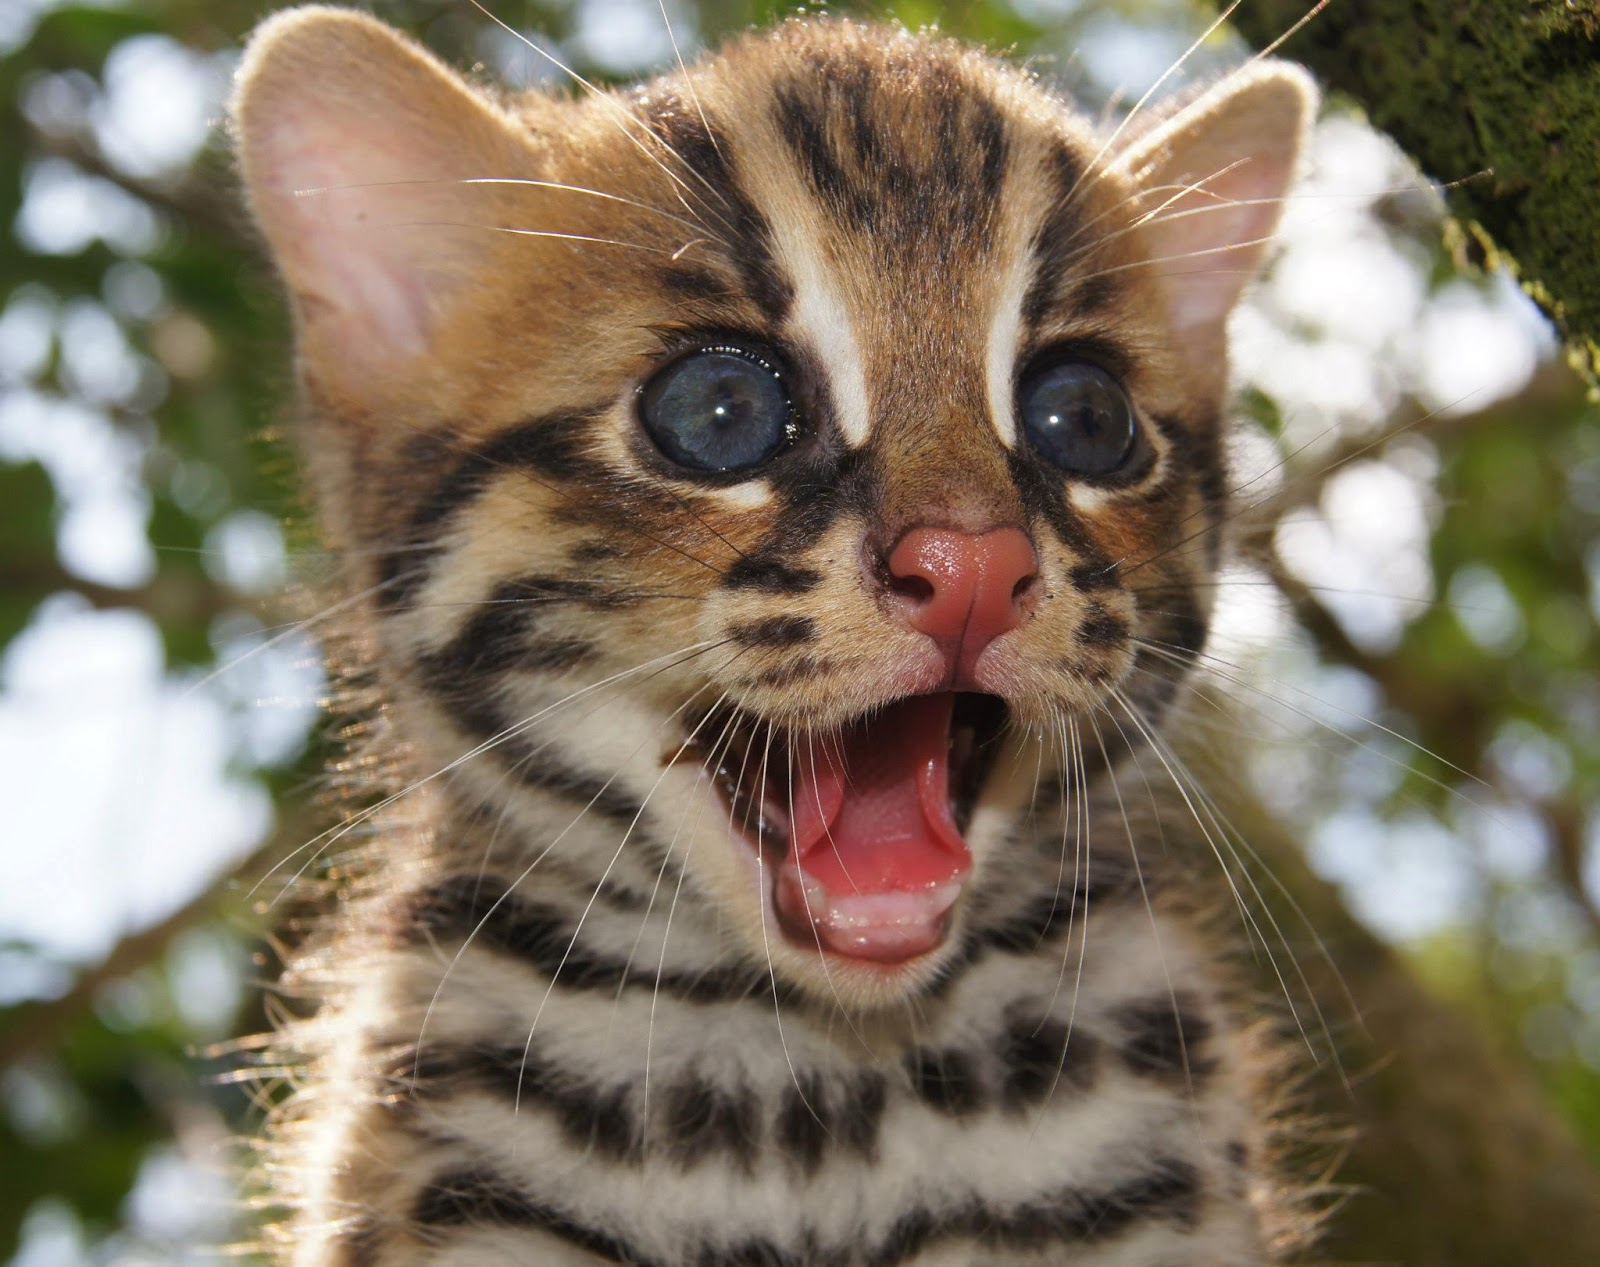 Kucing Hutan Anak Garfield Anak Kucing Hutan Papasemar